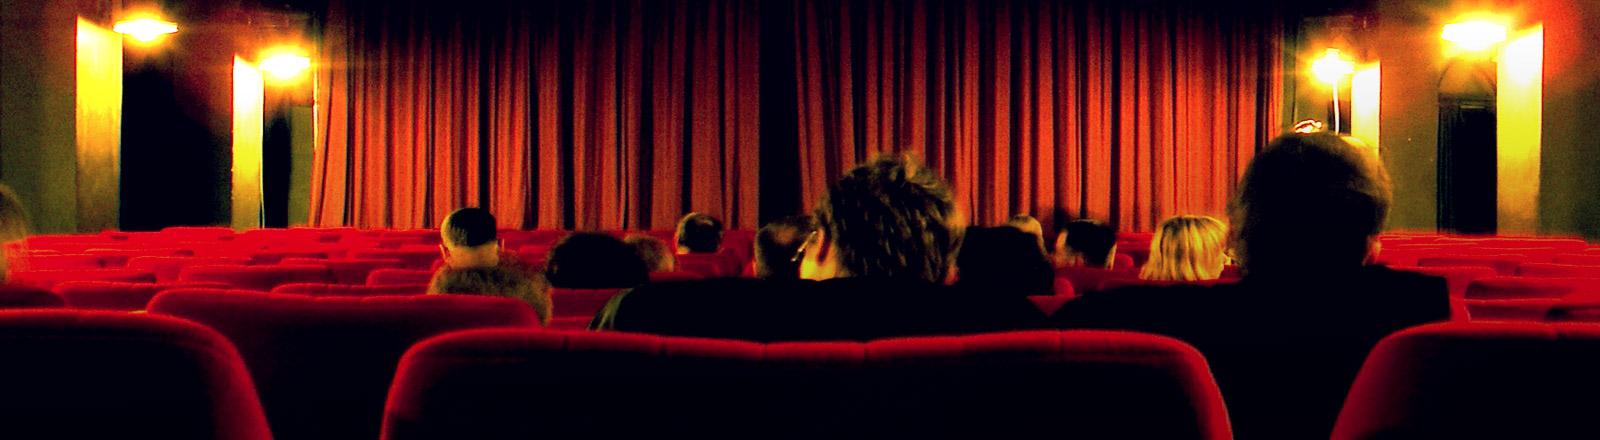 Die Leinwand eines Kinosaals